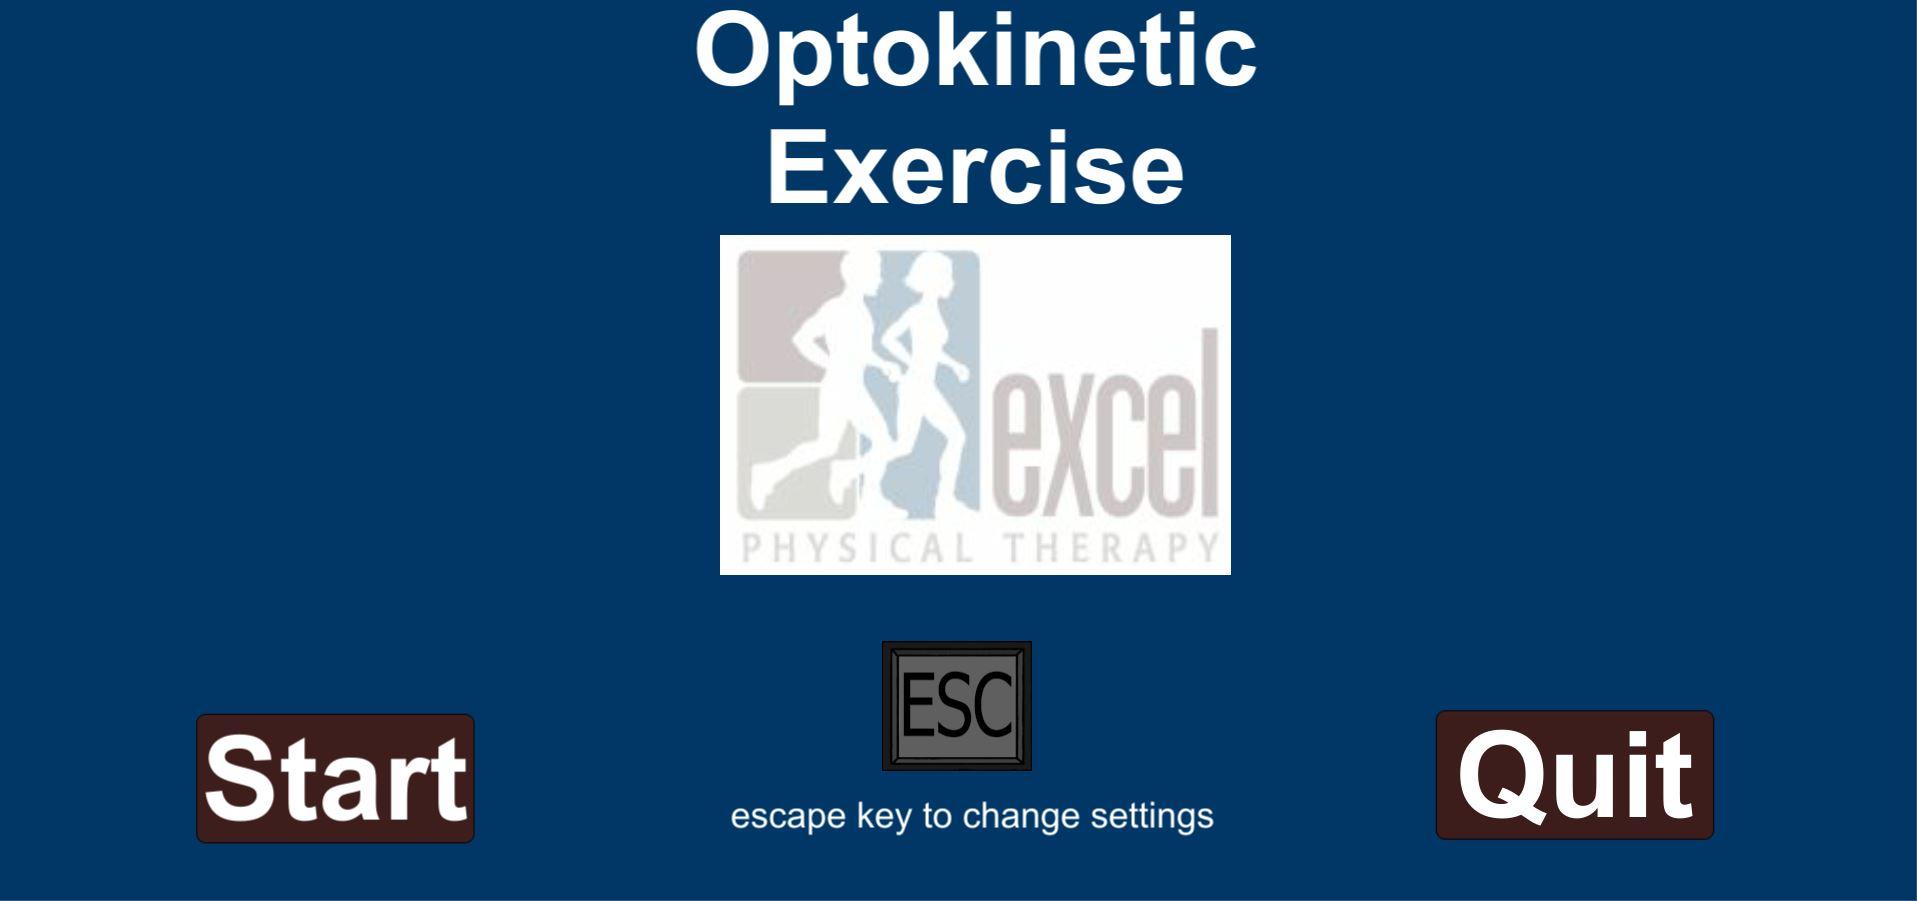 Optokinetic Exercise